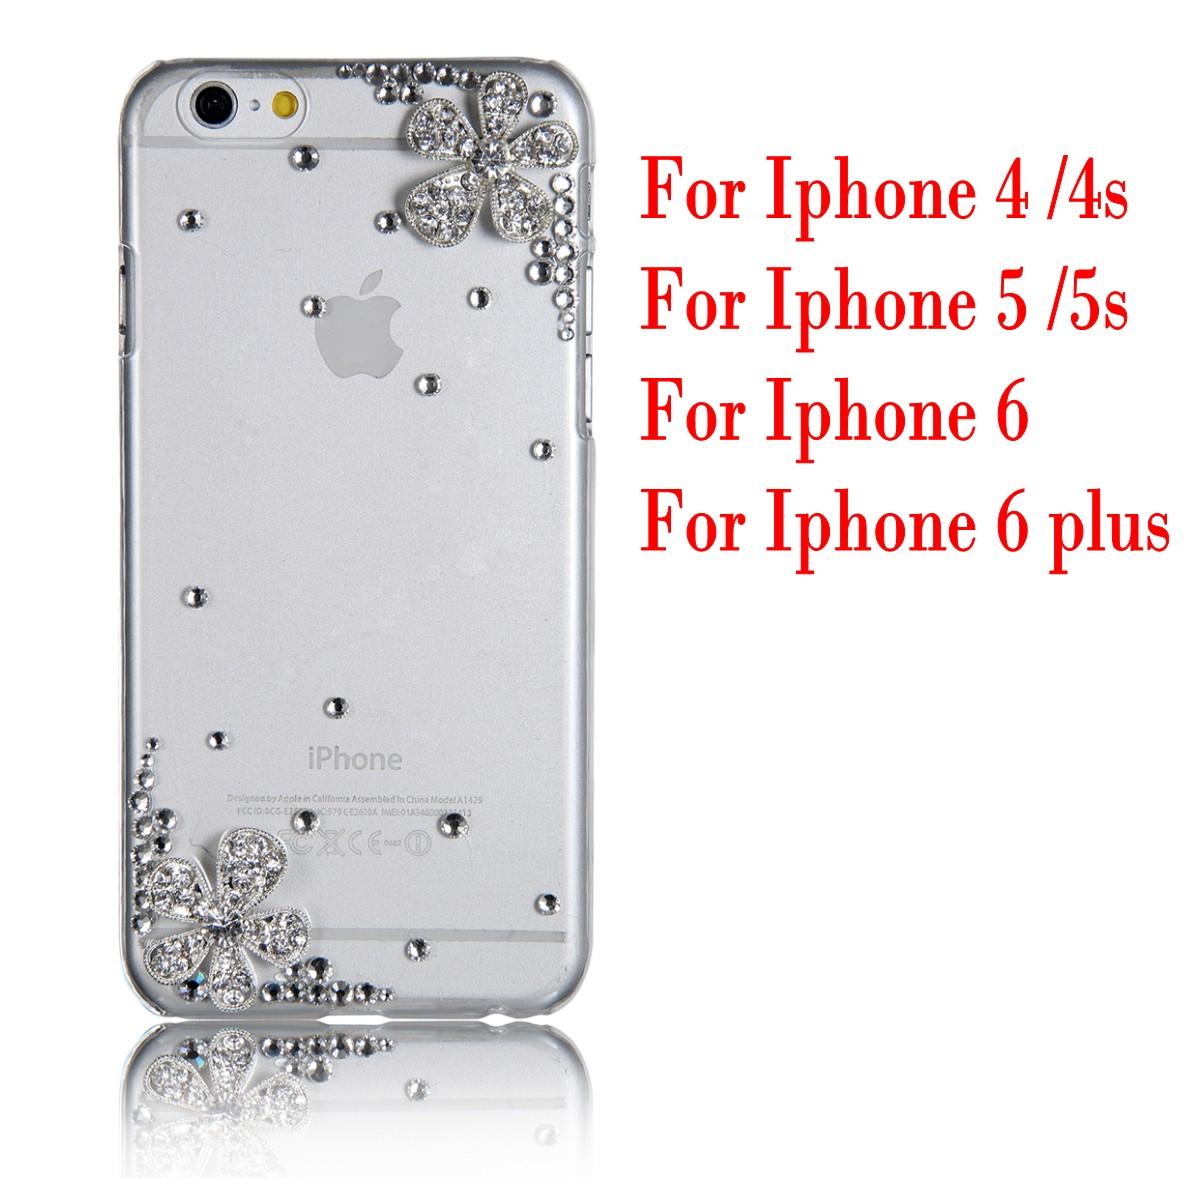 Чехол для для мобильных телефонов TungstenLove Bling Apple iPhone 4 /4s /5 /5s /6  2700 чехол для для мобильных телефонов new brand iphone 6 5 5s 5c 4 4s 6 zelda q37